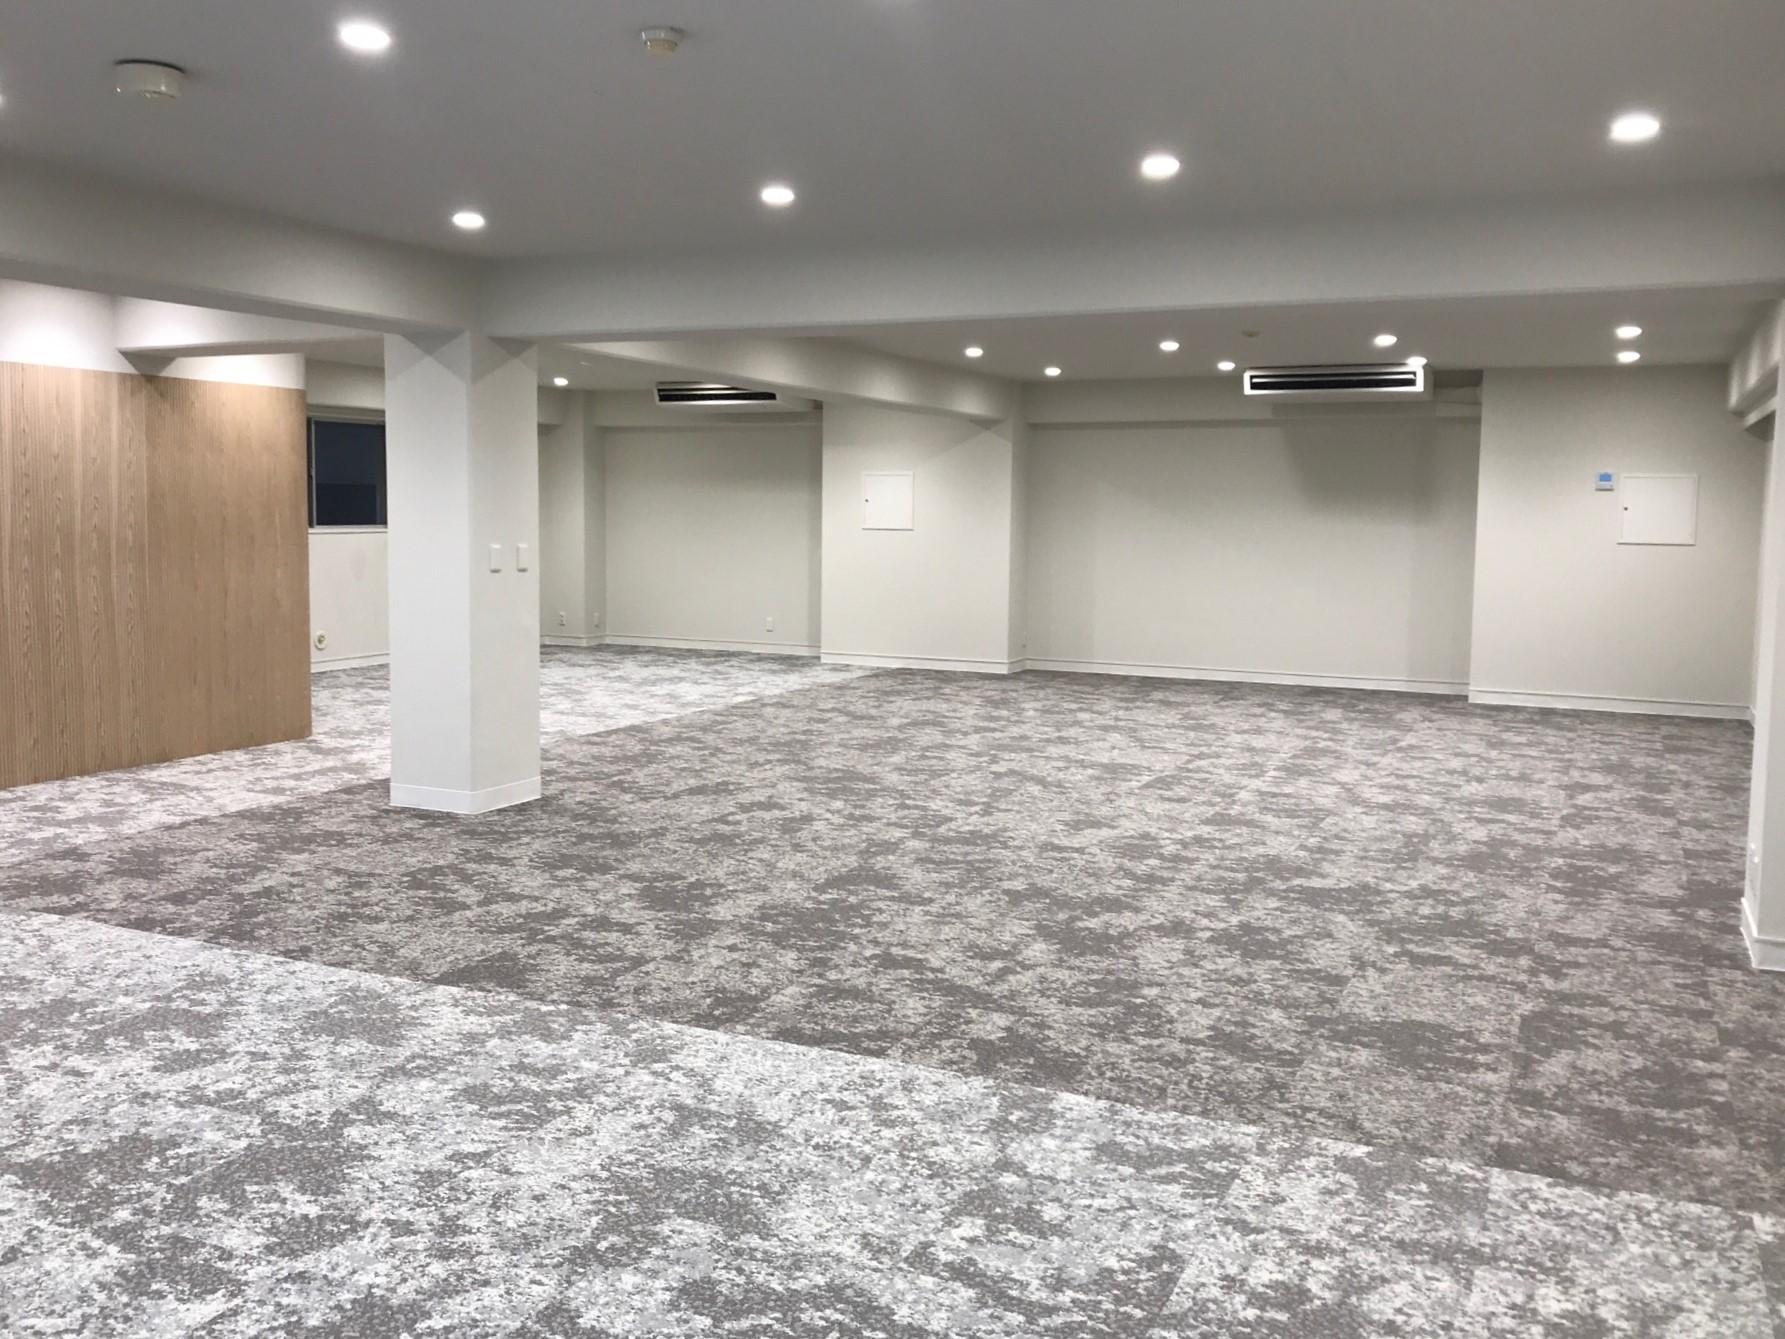 【デザイナーズ】京橋・有楽町、約50坪。<br>敷礼ゼロ!モダンに変身したリノベオフィス